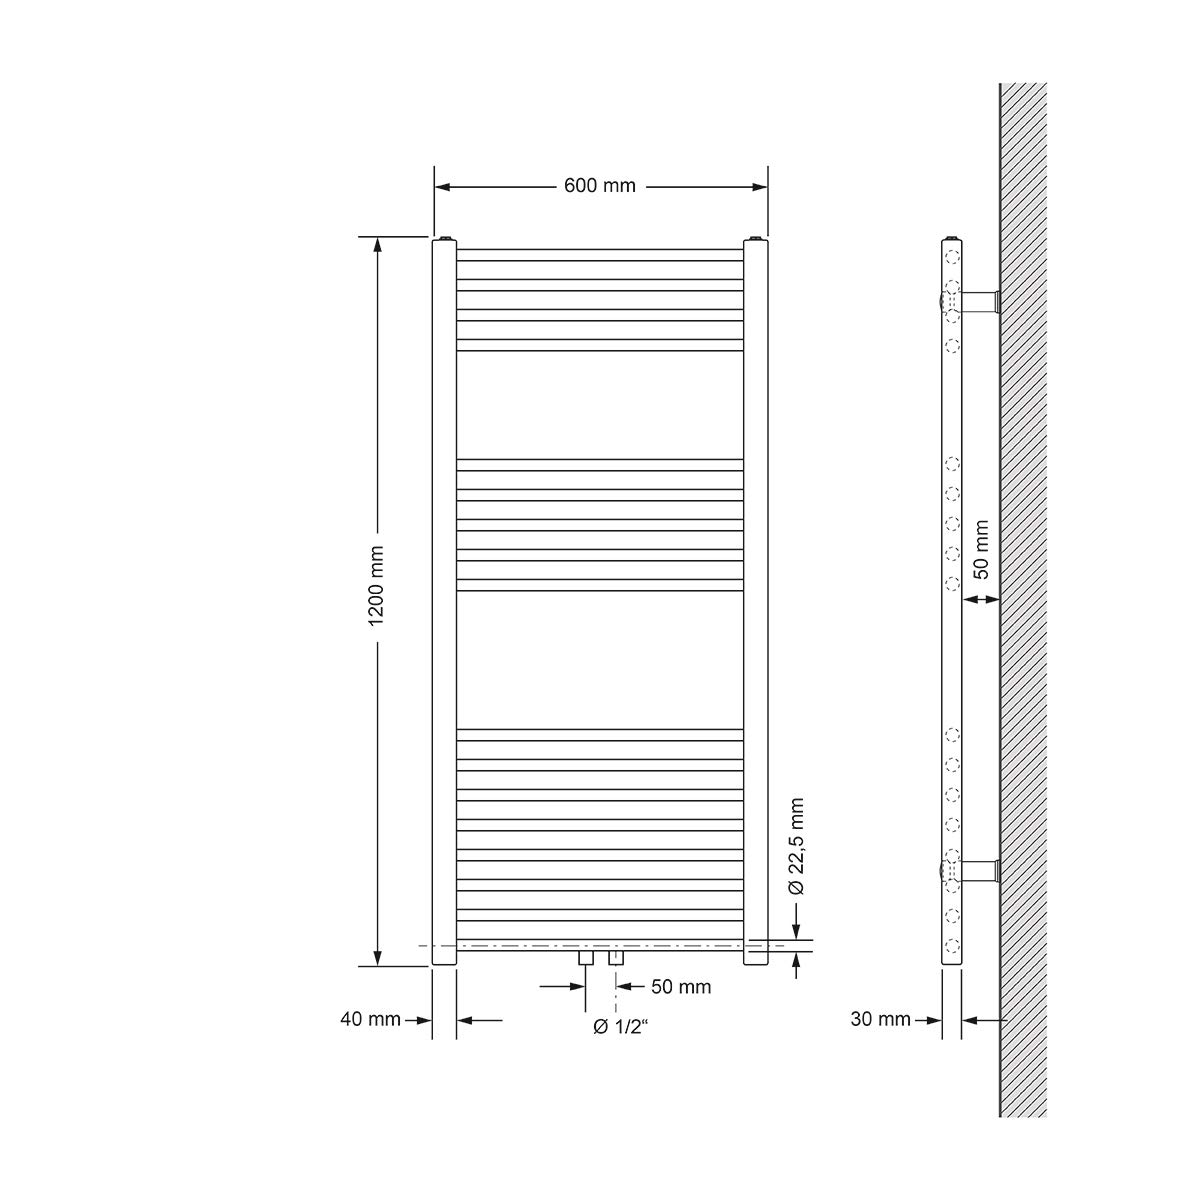 ECD Germany Sahara Badheizk/örper Heizk/örper Handtuchw/ärmer Handtuchtrockner Designheizk/örper Chrom 600 x 1800 mm gerade mit Mittelanschluss